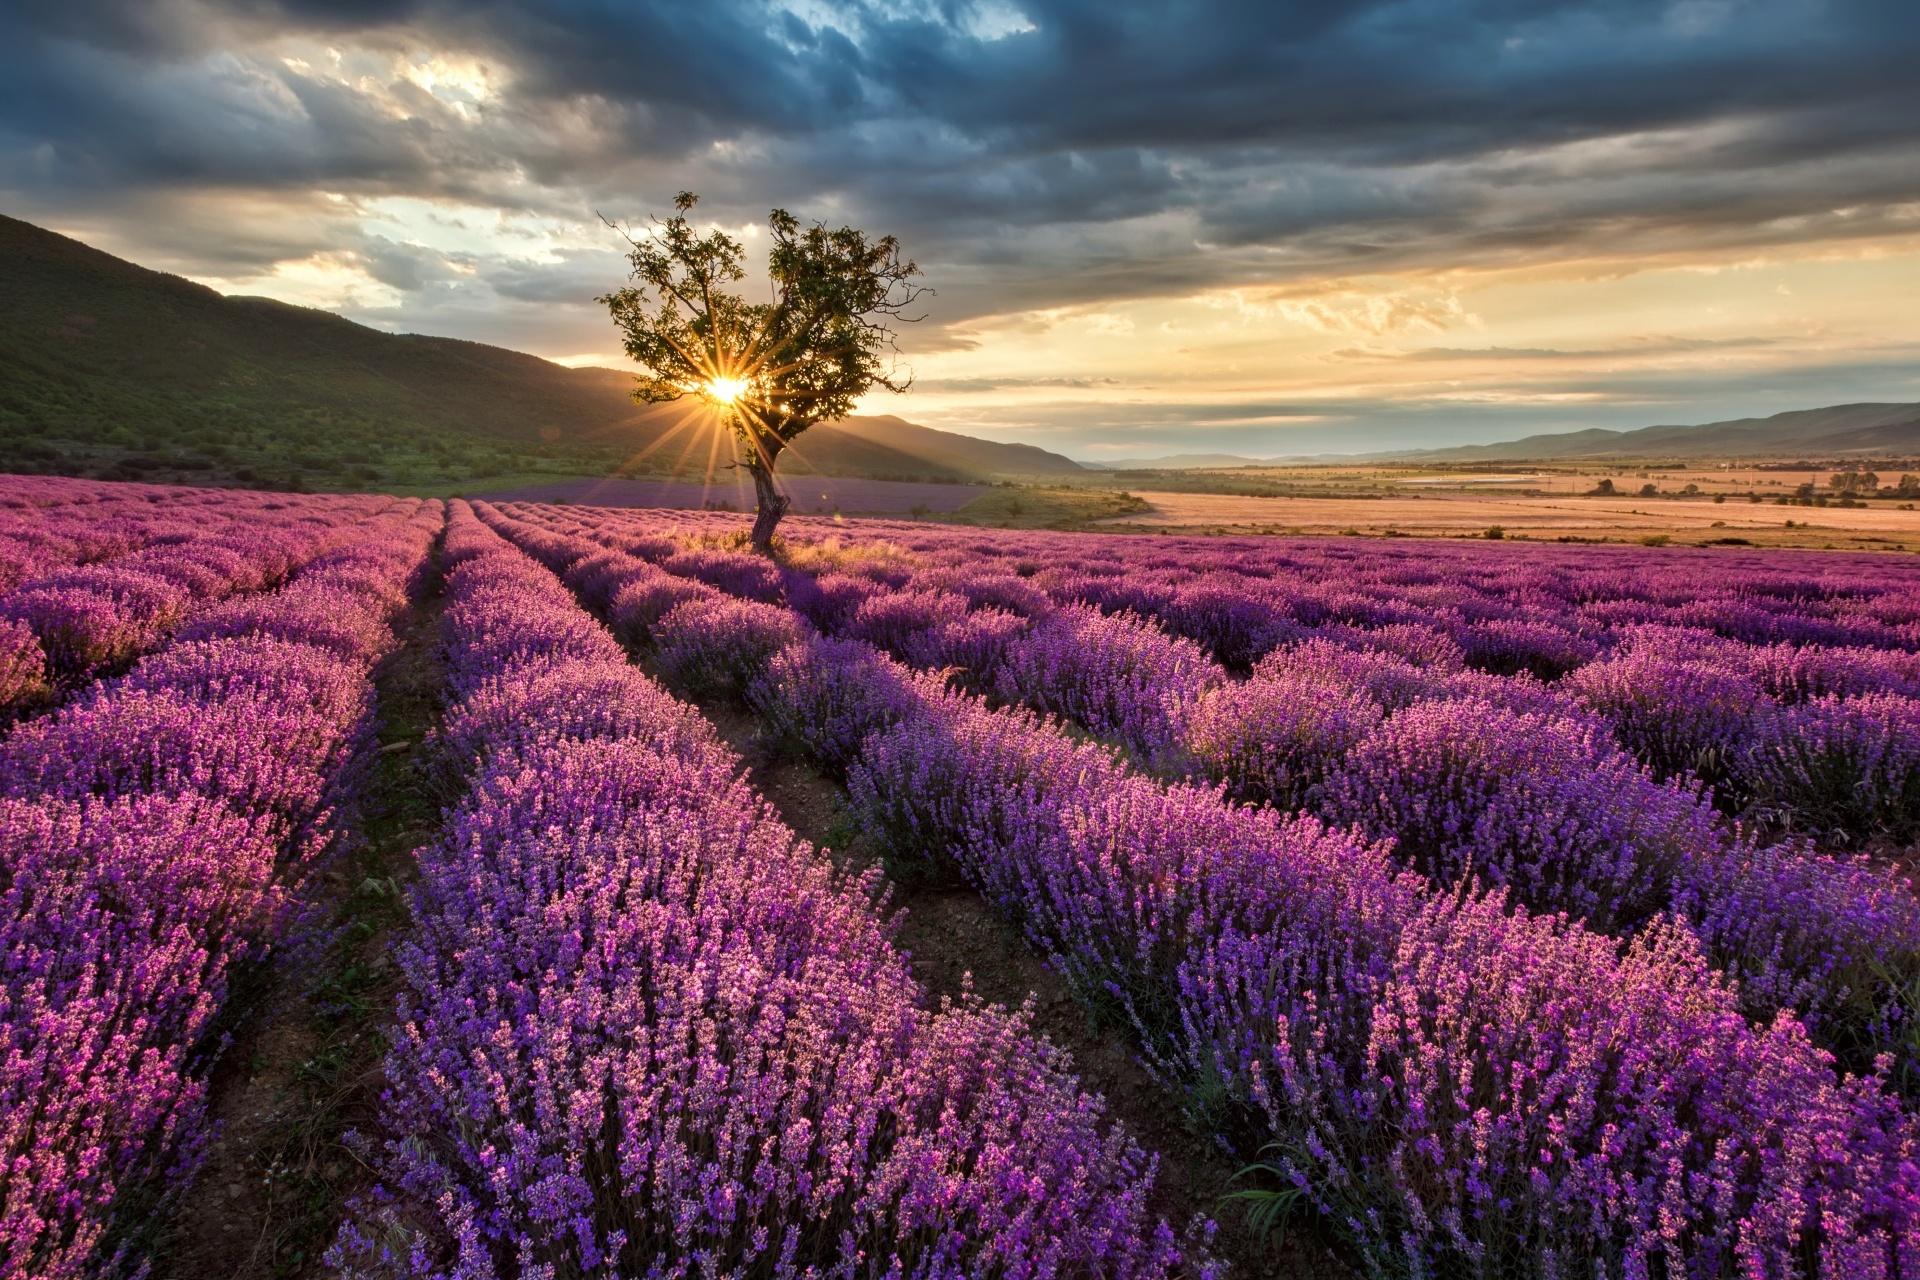 朝日とラベンダー畑の風景